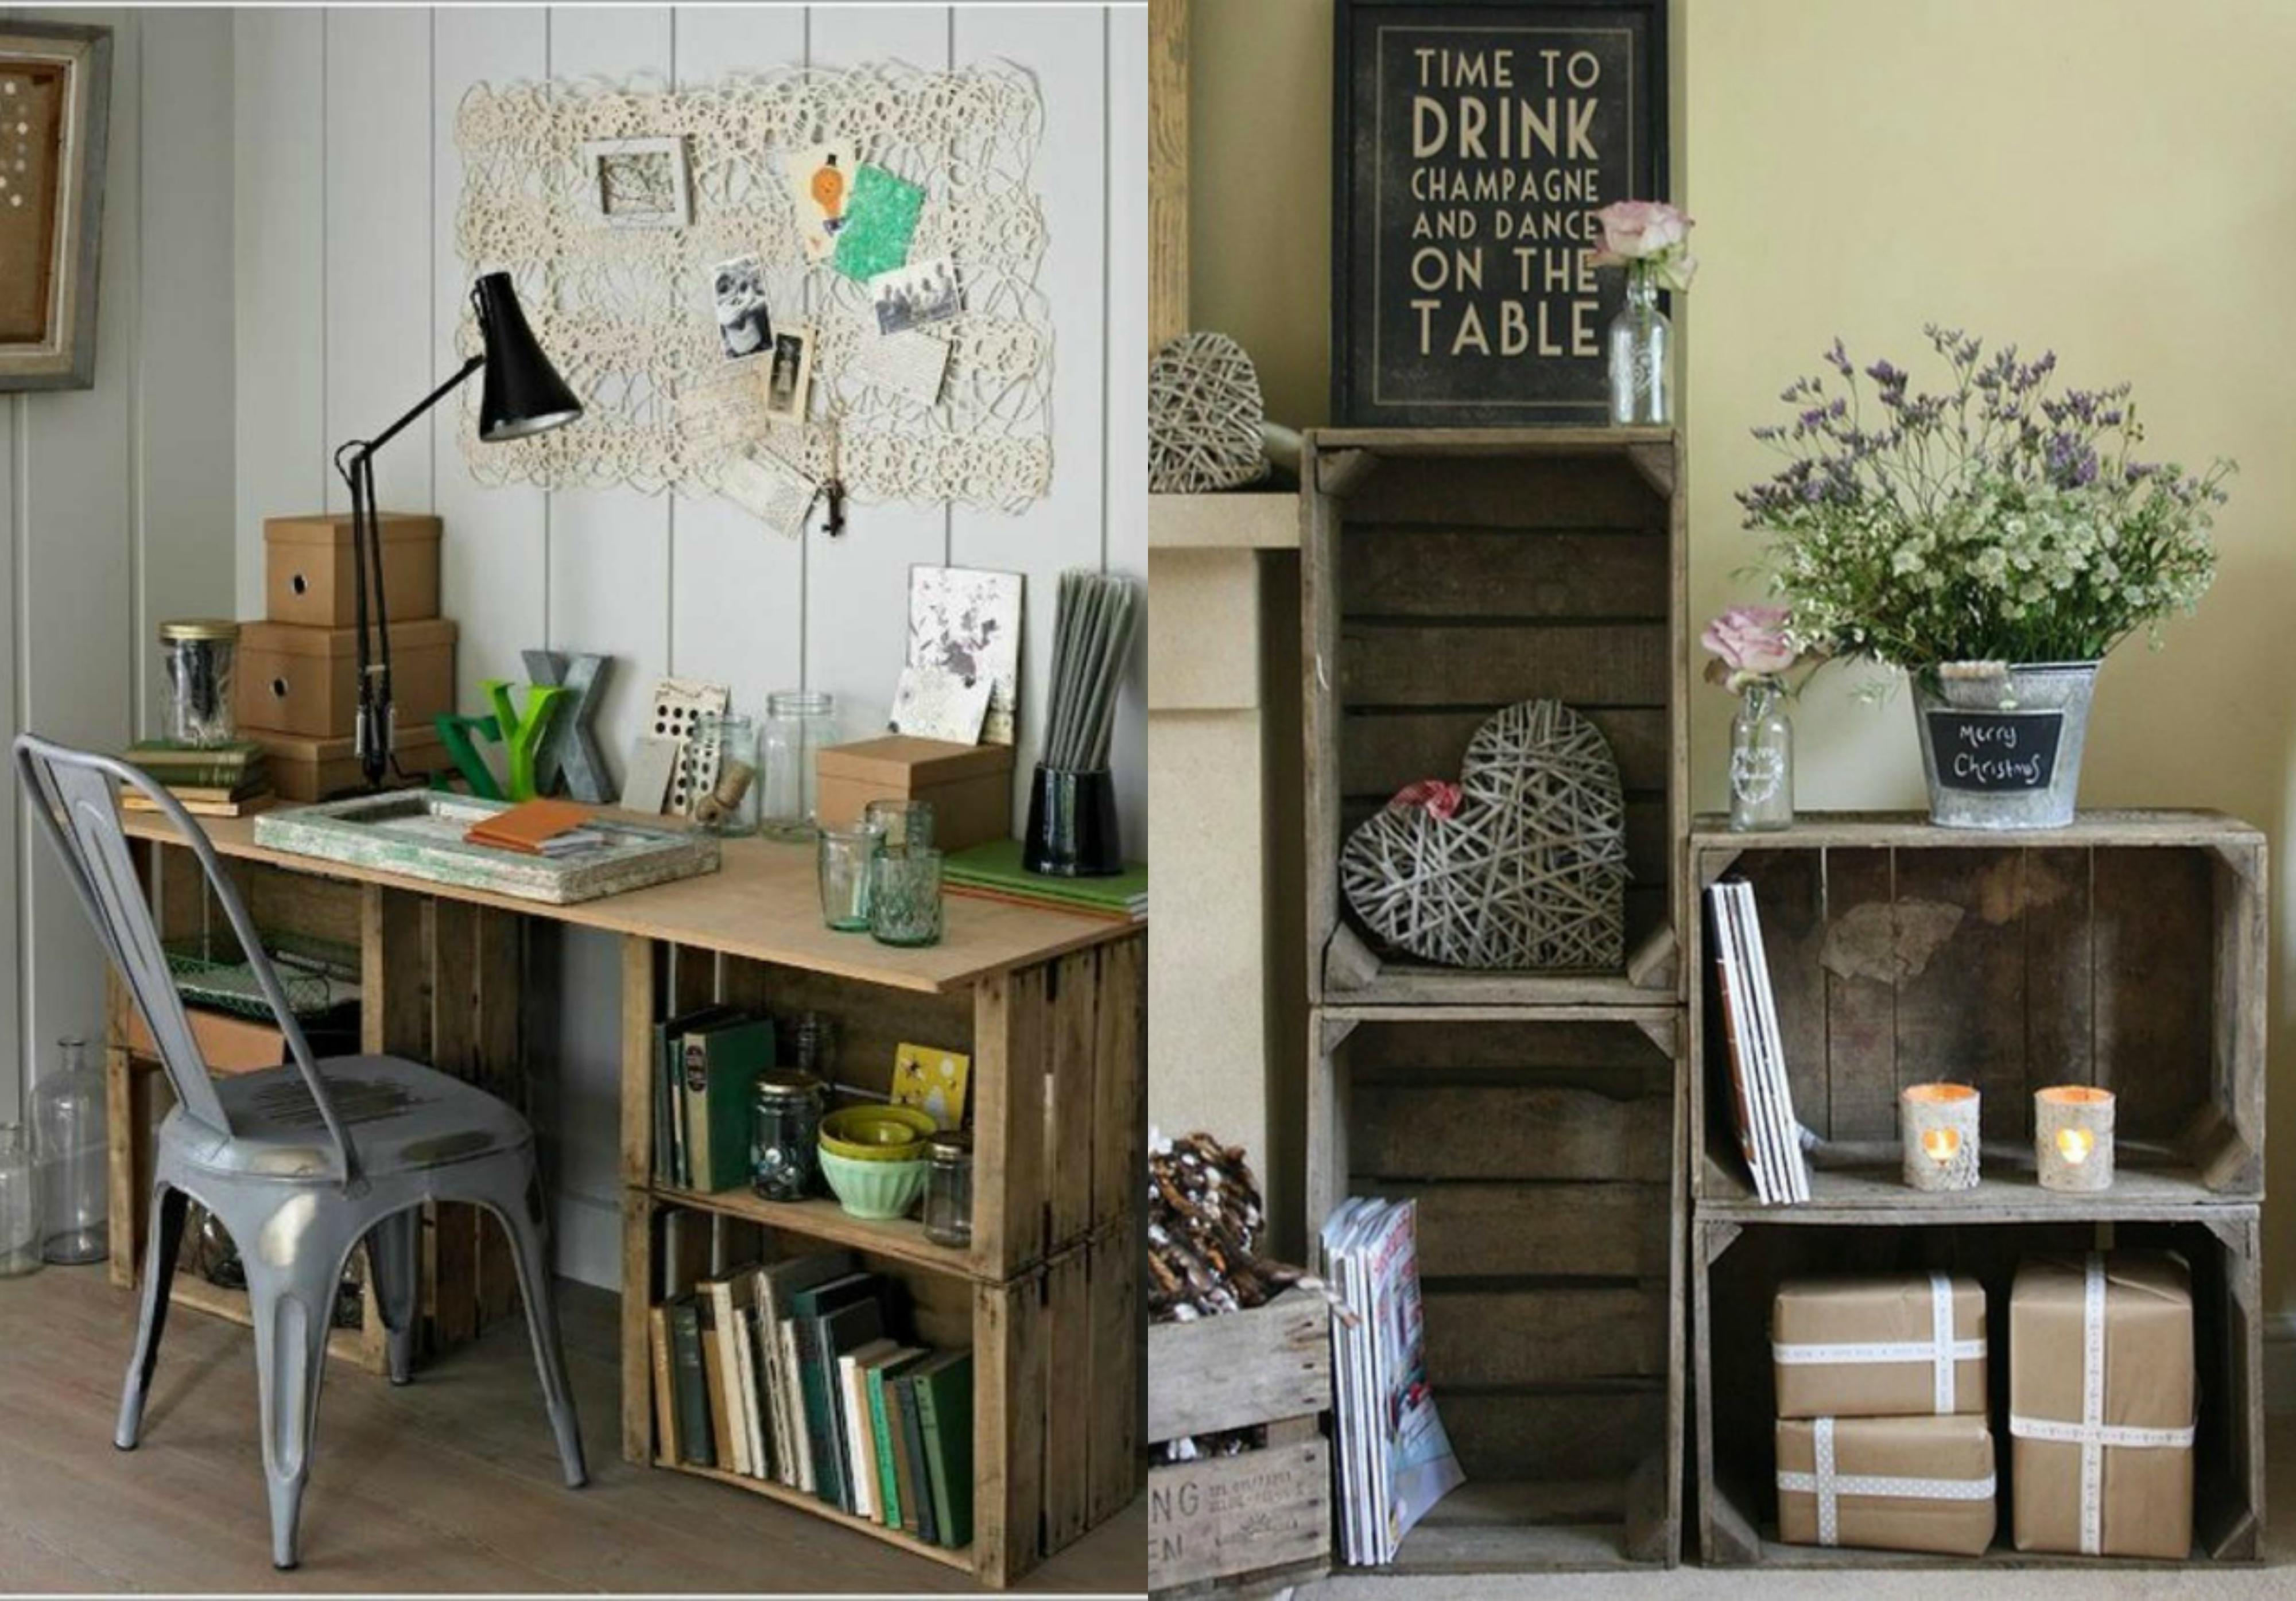 ejemplos de interiores en estilo vintage con muebles DIY hechos de cajas de fruta, decorar cajas de madera paso a paso